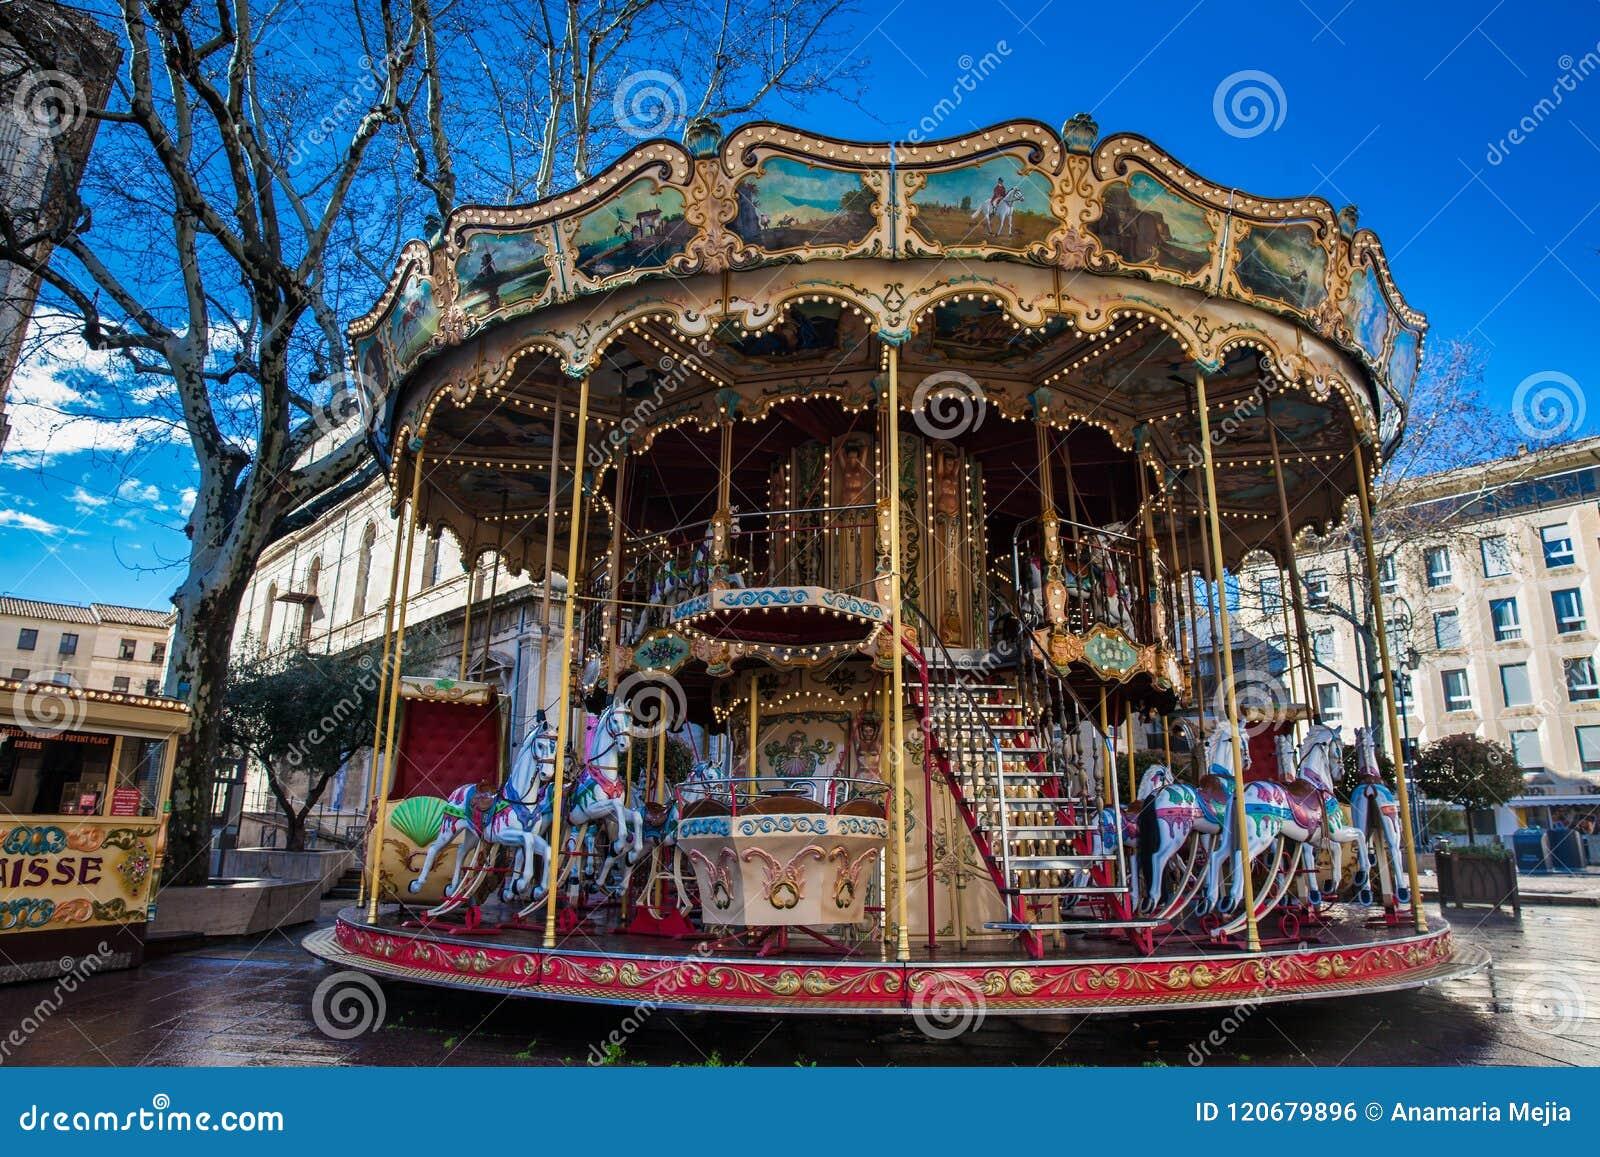 Carrusel pasado de moda francés del estilo con las escaleras en Place de Horloge en Aviñón Francia